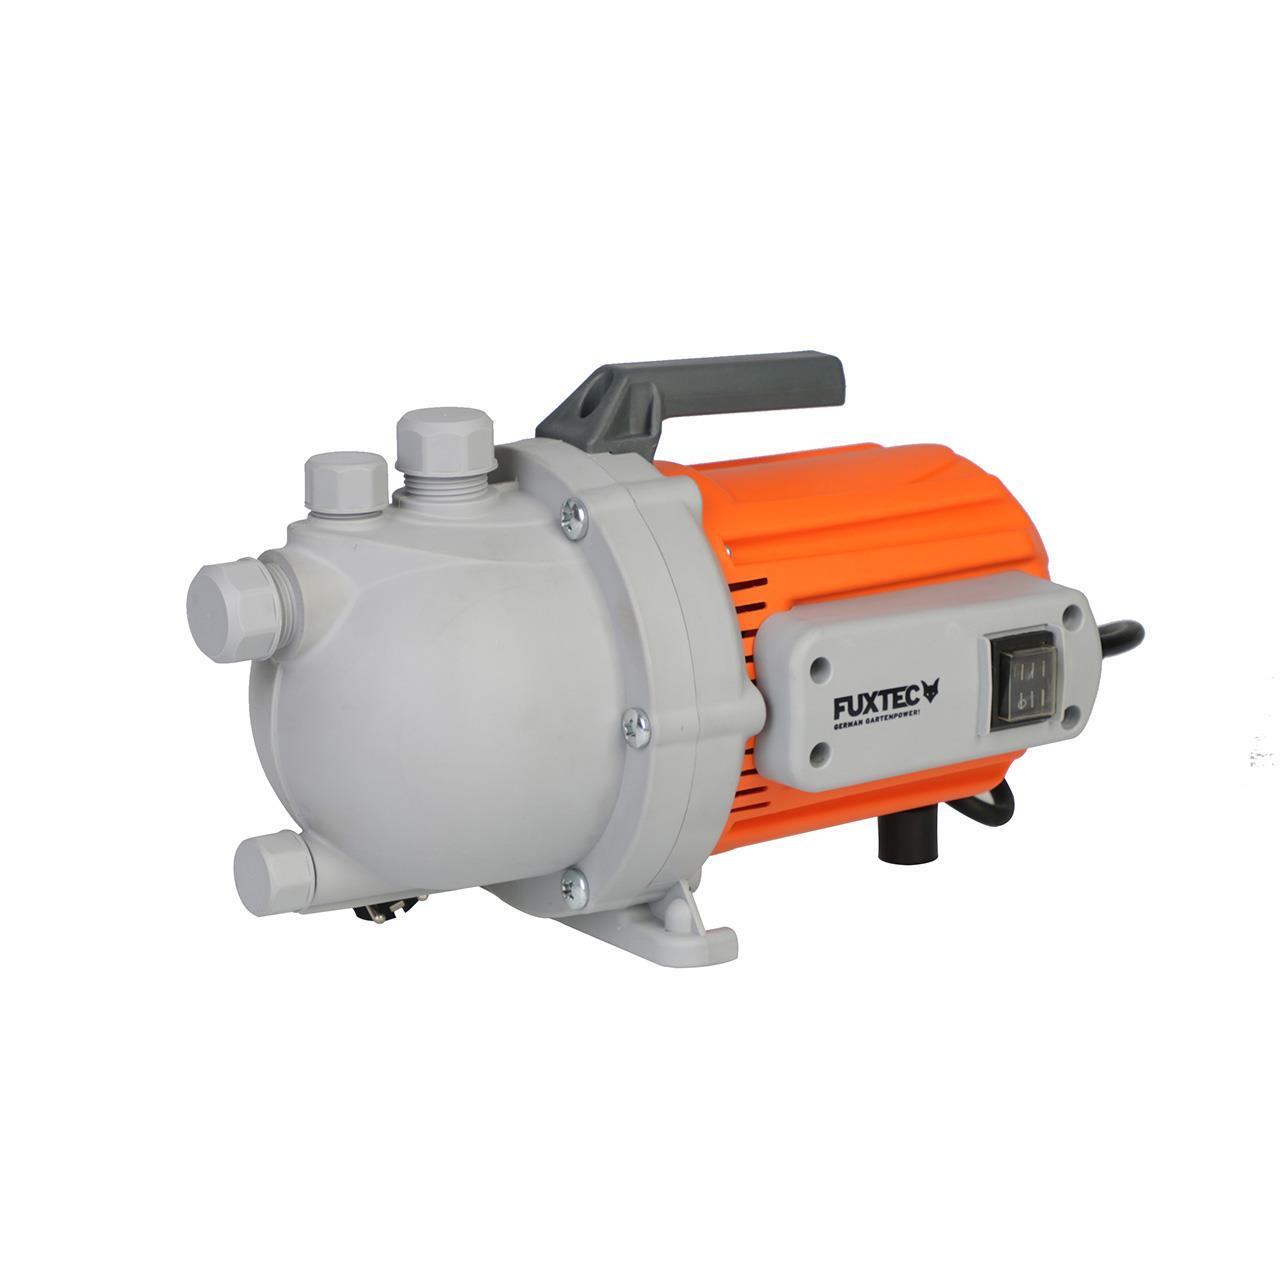 FUXTEC Gartenpumpe FX-GP1600